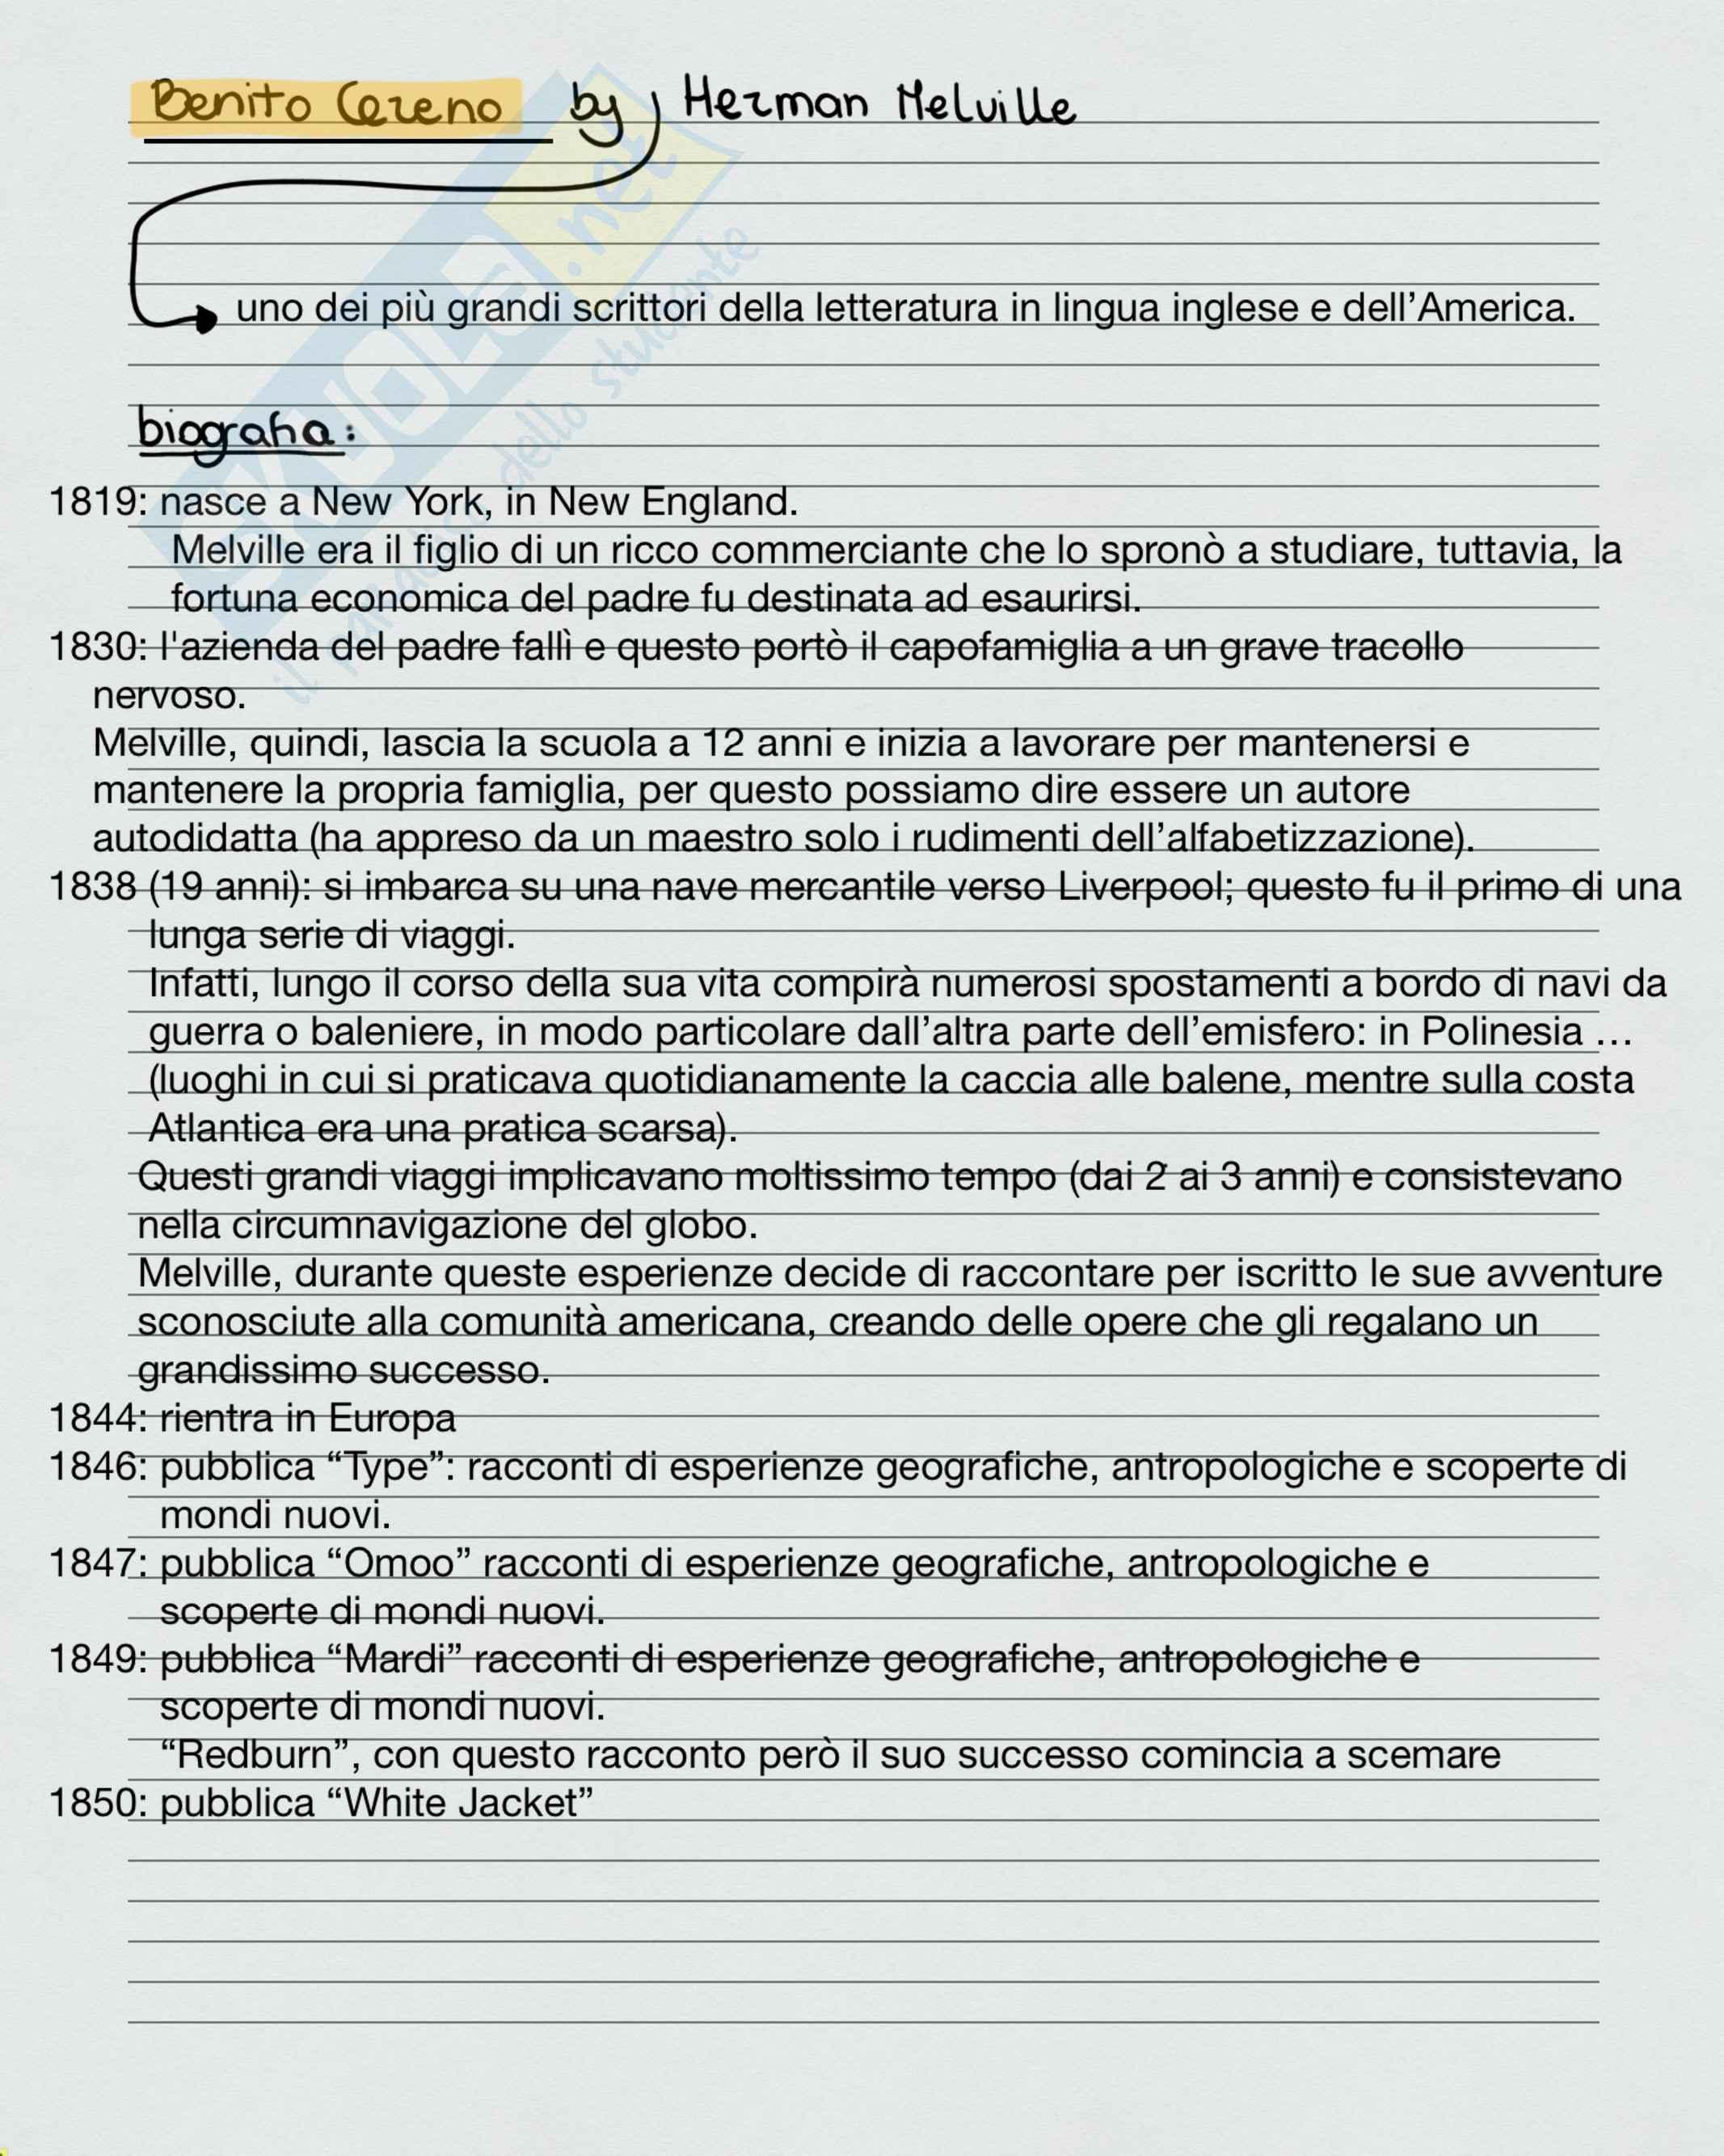 Benito Cereno - analisi + commento